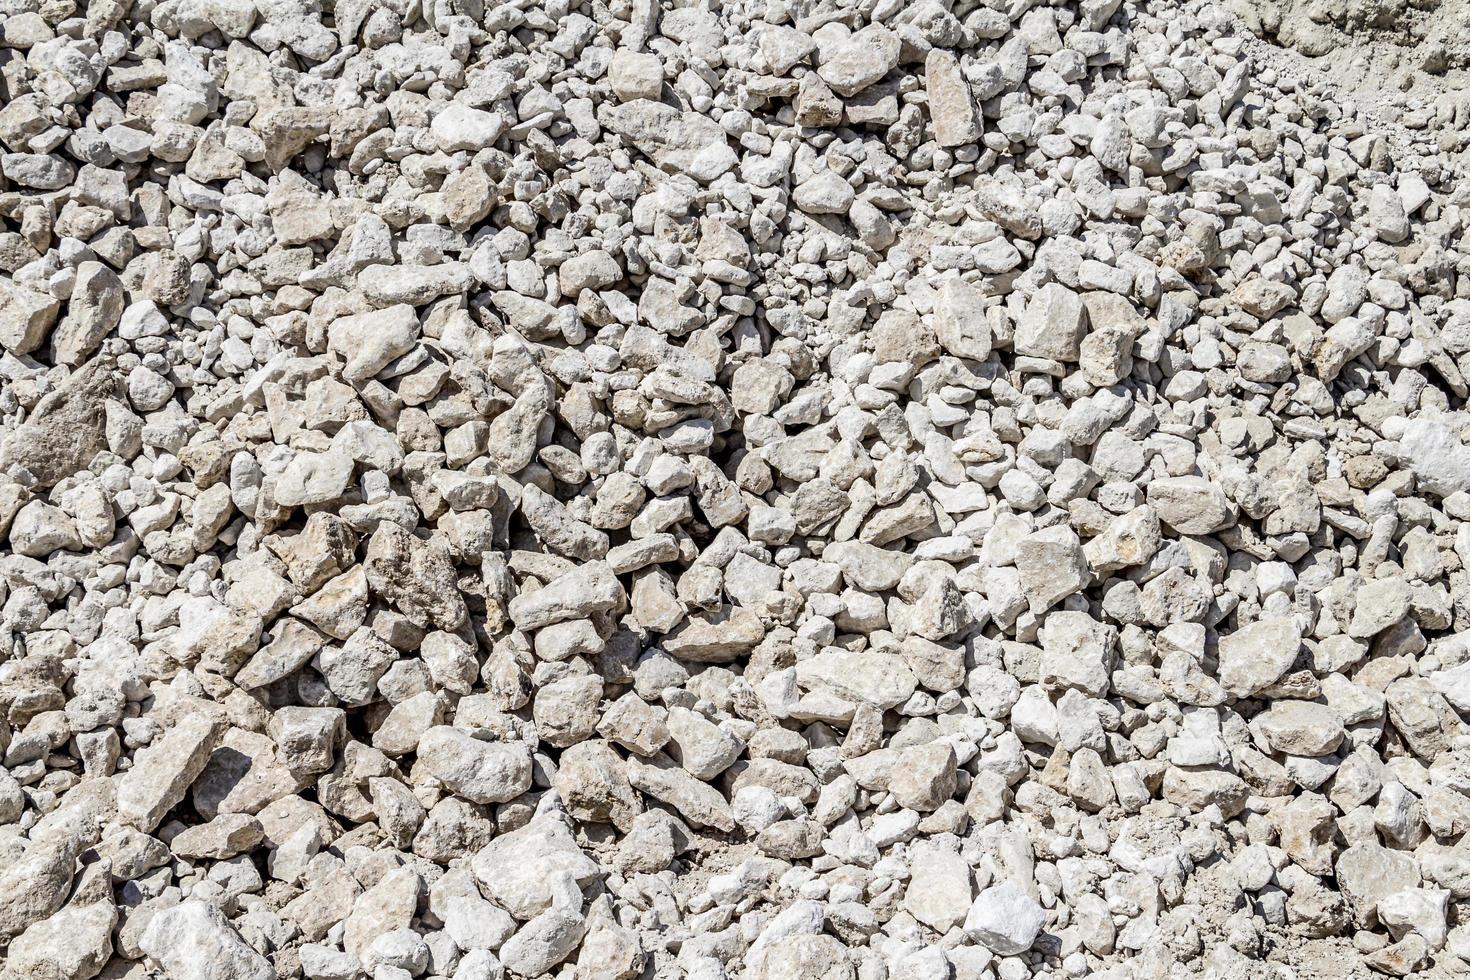 indústria de pedreira de limestonia, verão, ucrânia foto